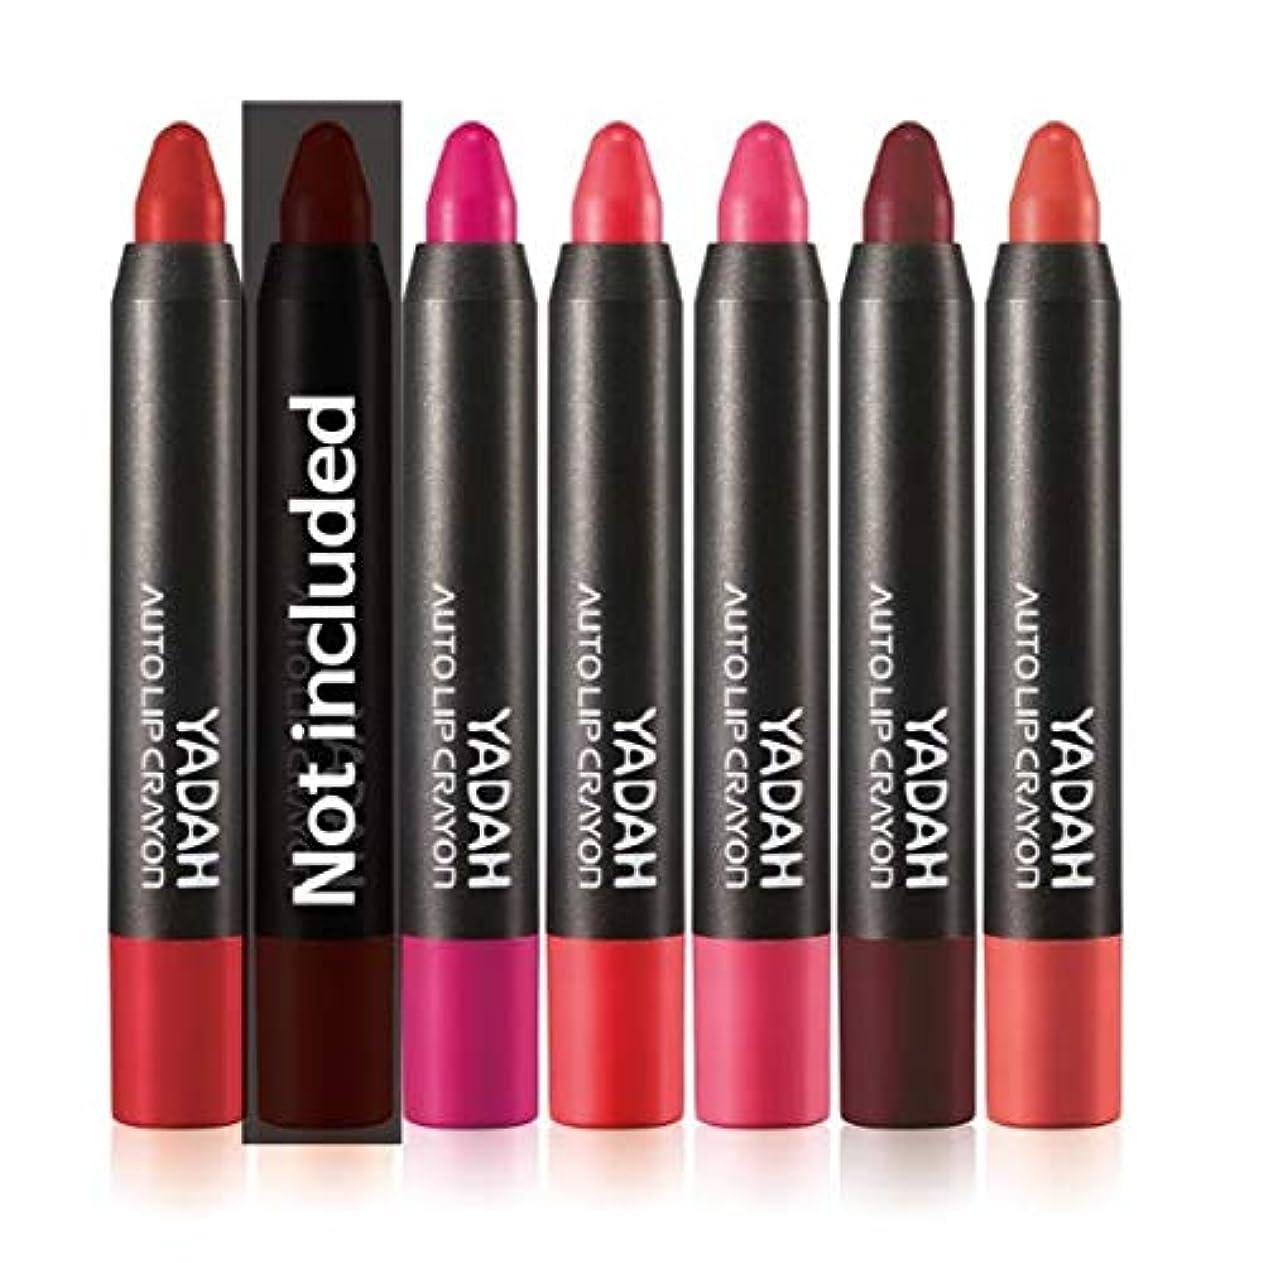 引き潮橋十代の若者たちYADAH Auto Lip Crayon #04 Rose Coral 2.5gオートリップクレヨン - 2.5g[並行輸入品]